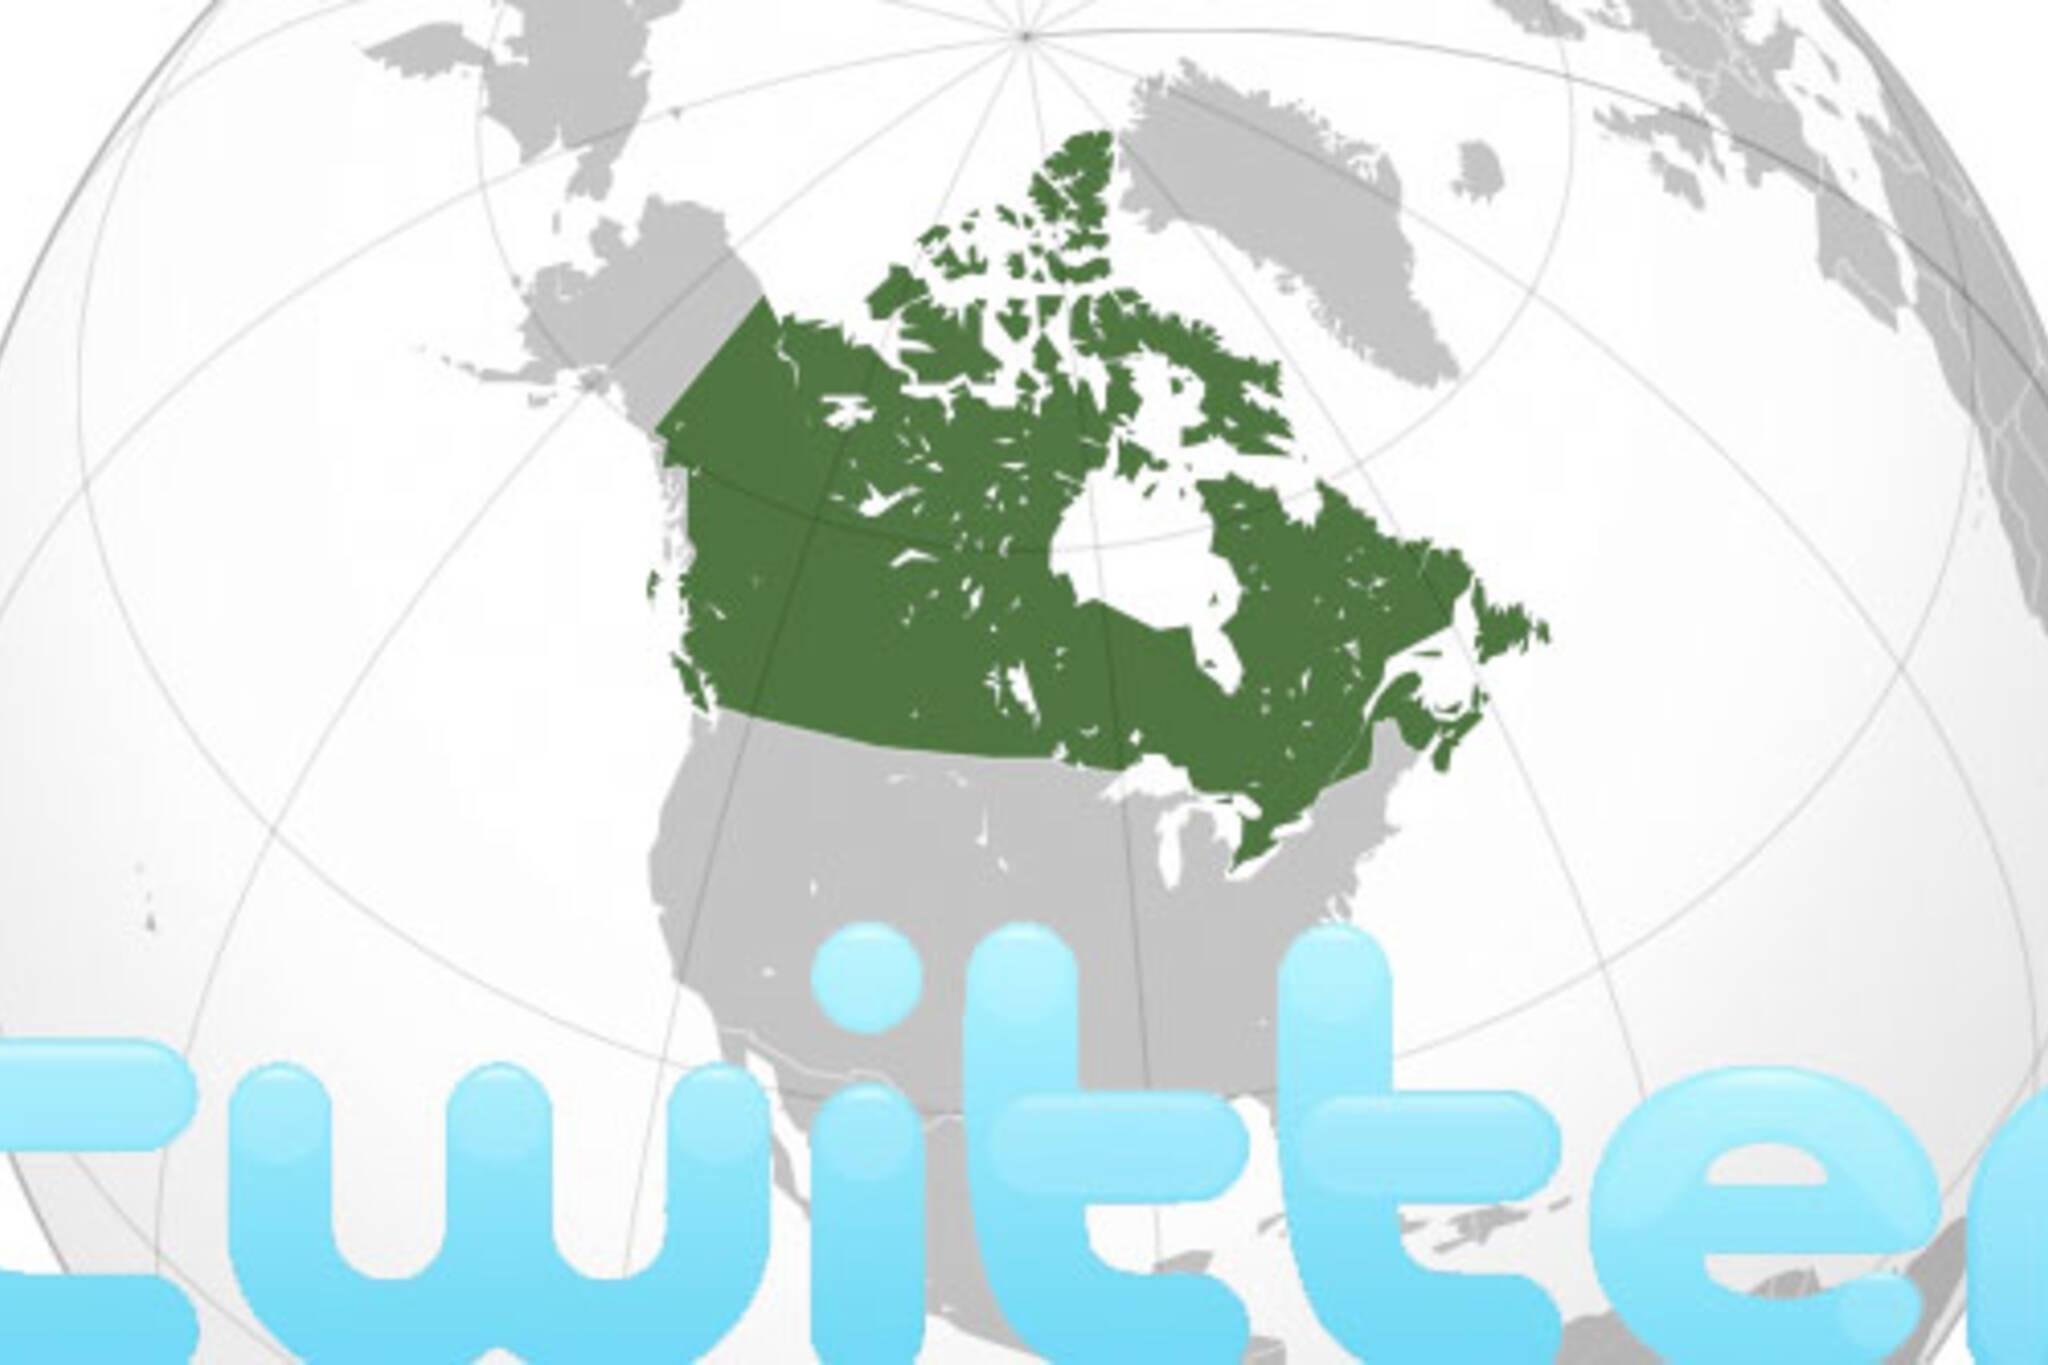 twitter top in canada toronto